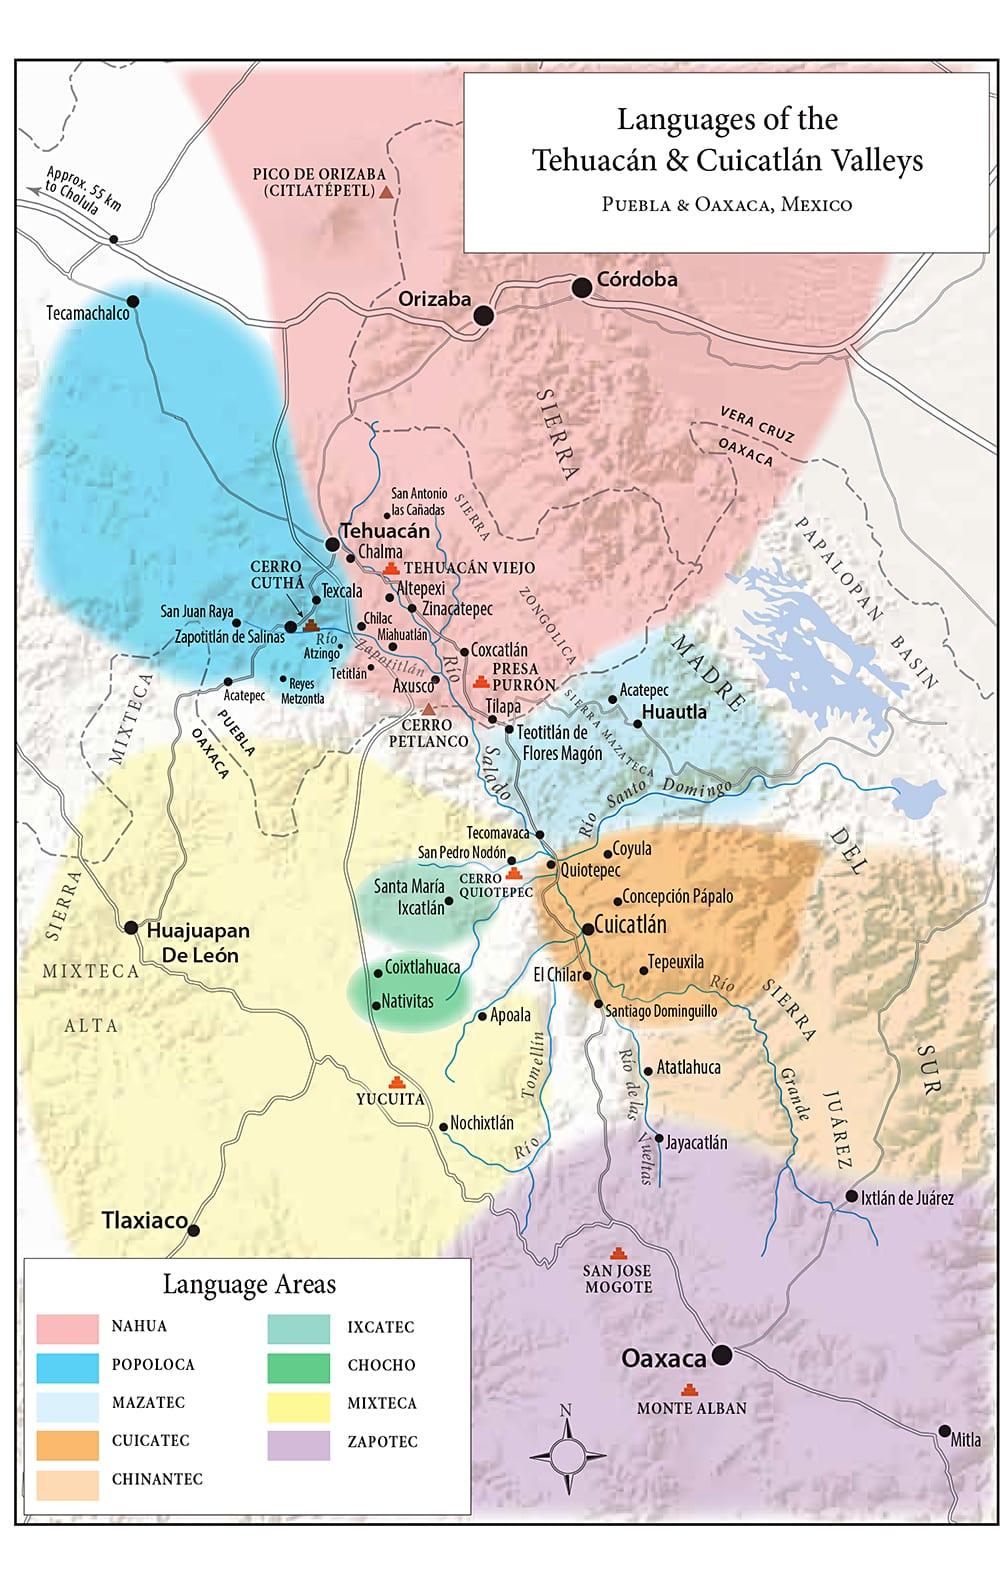 Mesoamerica: The Tehuacán Valley, Mexico